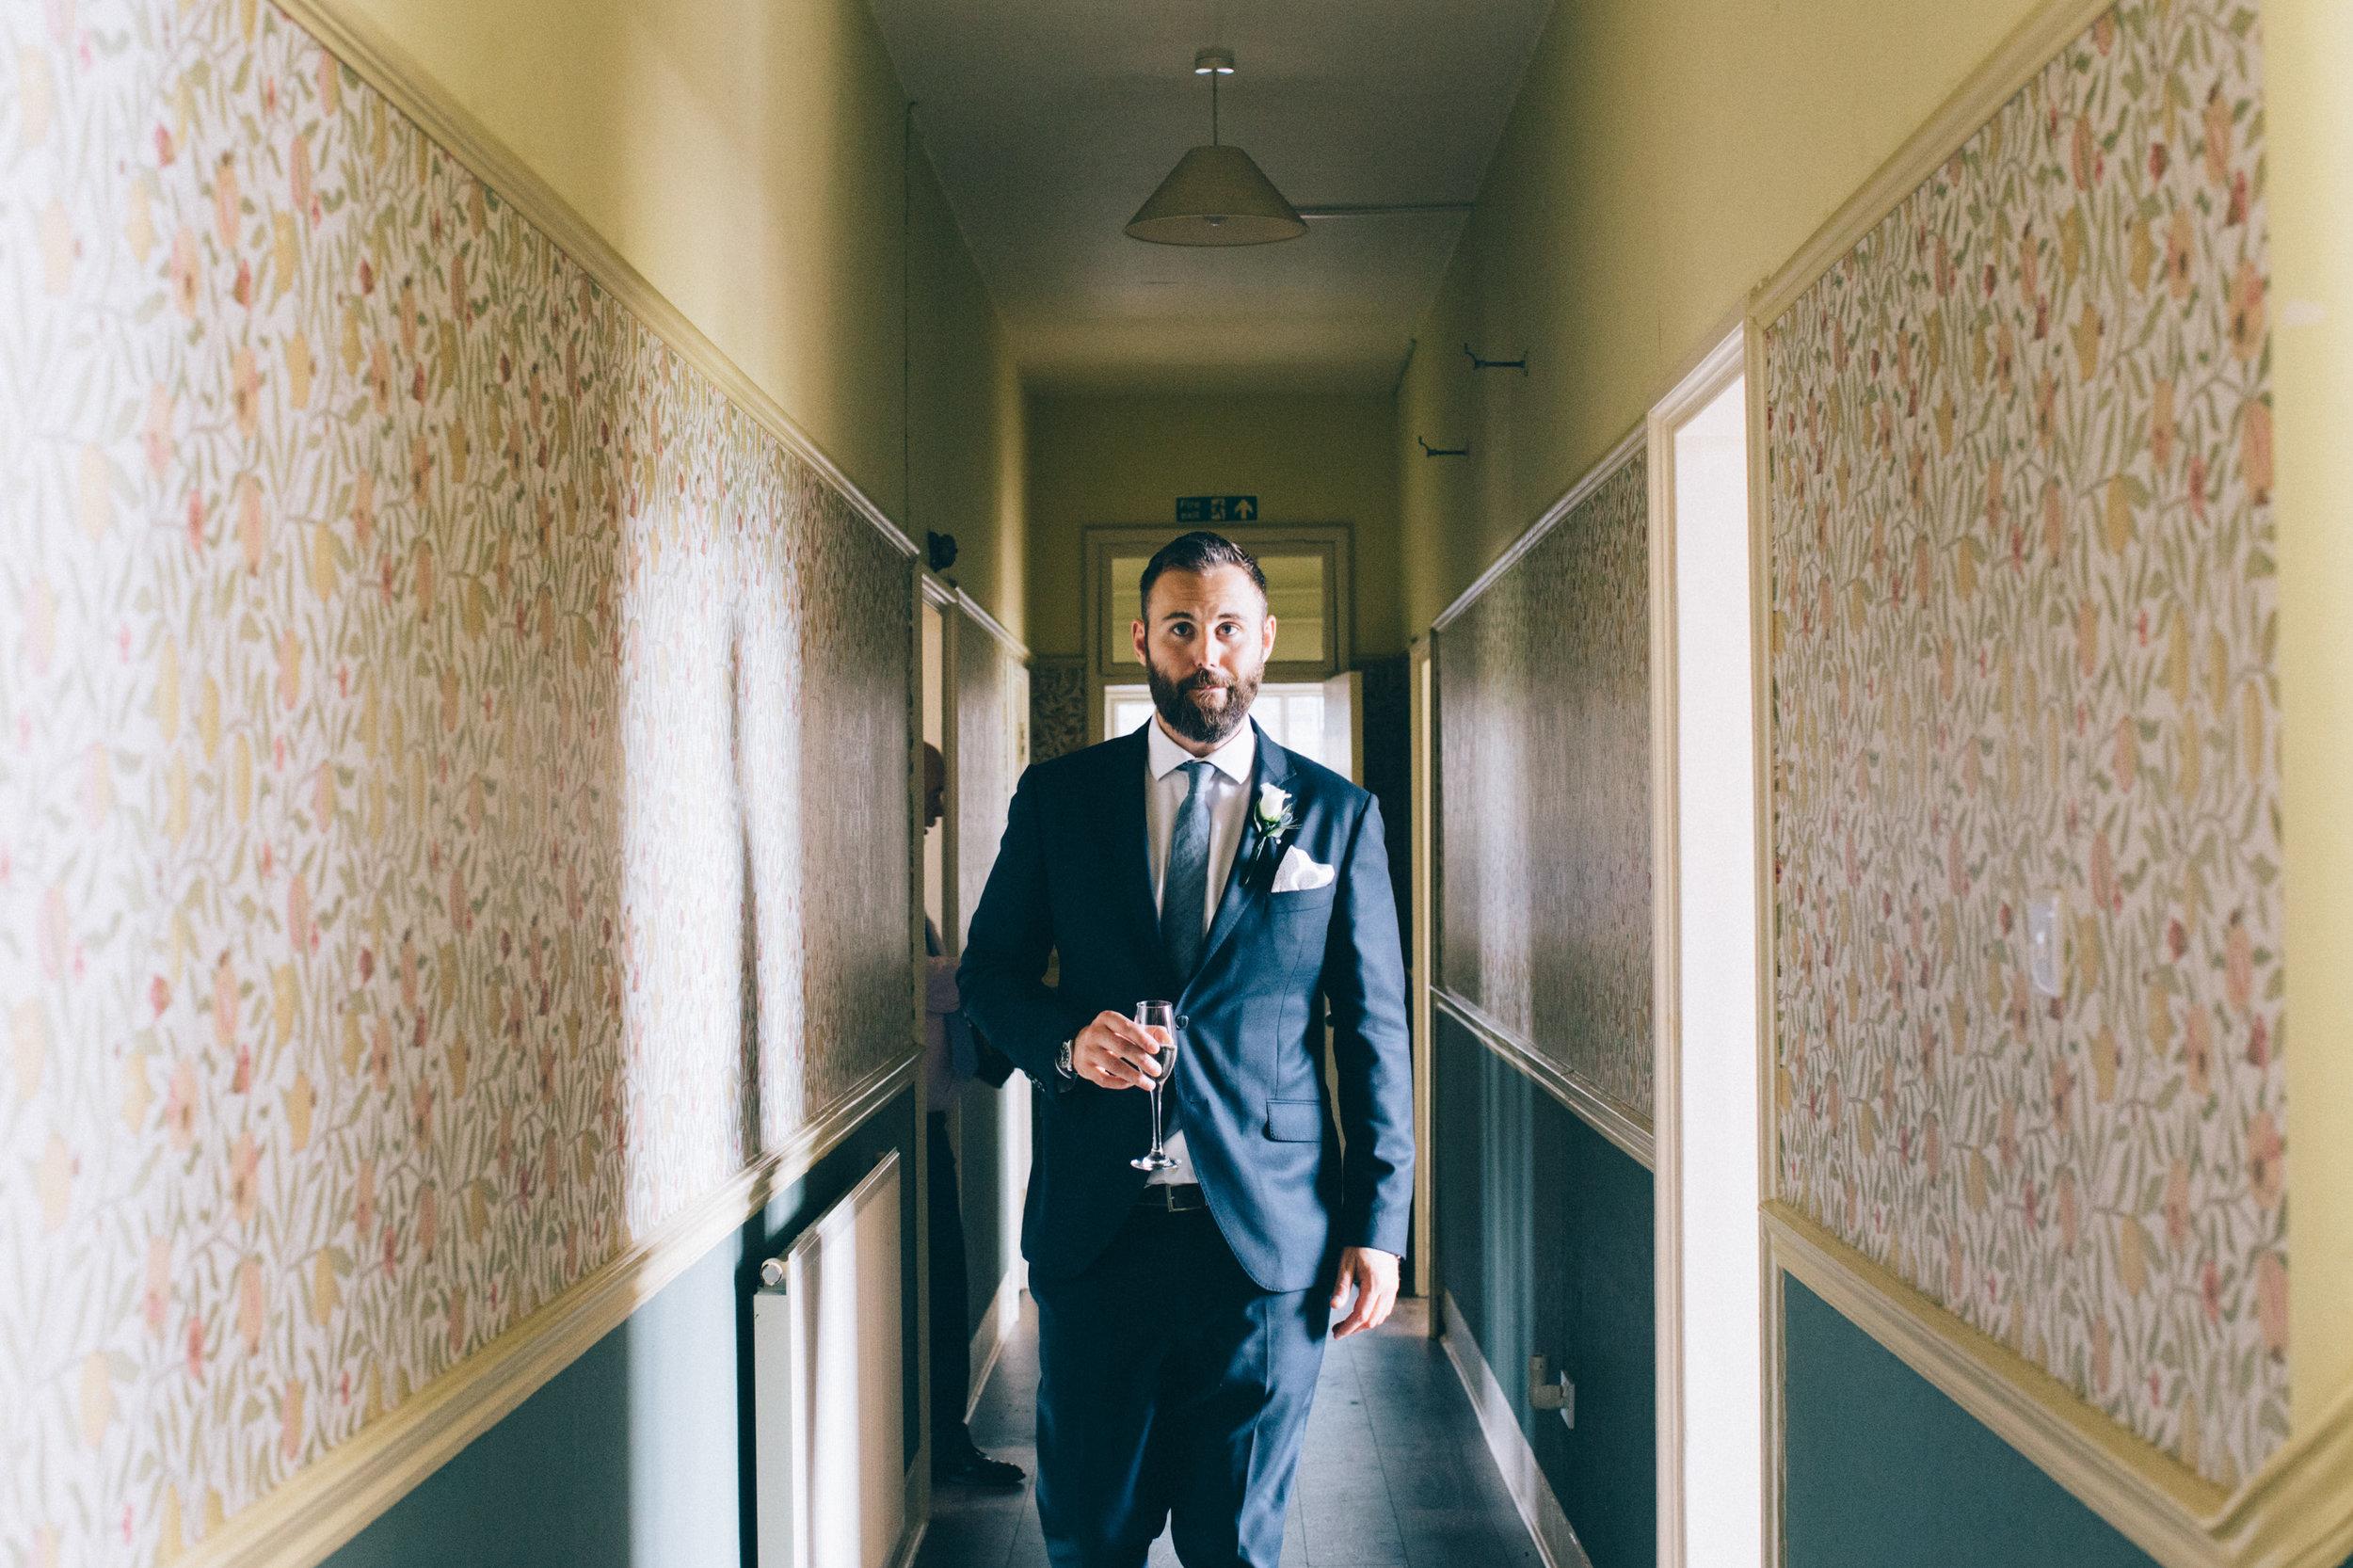 uk wedding photographer artistic wedding photography-19.jpg